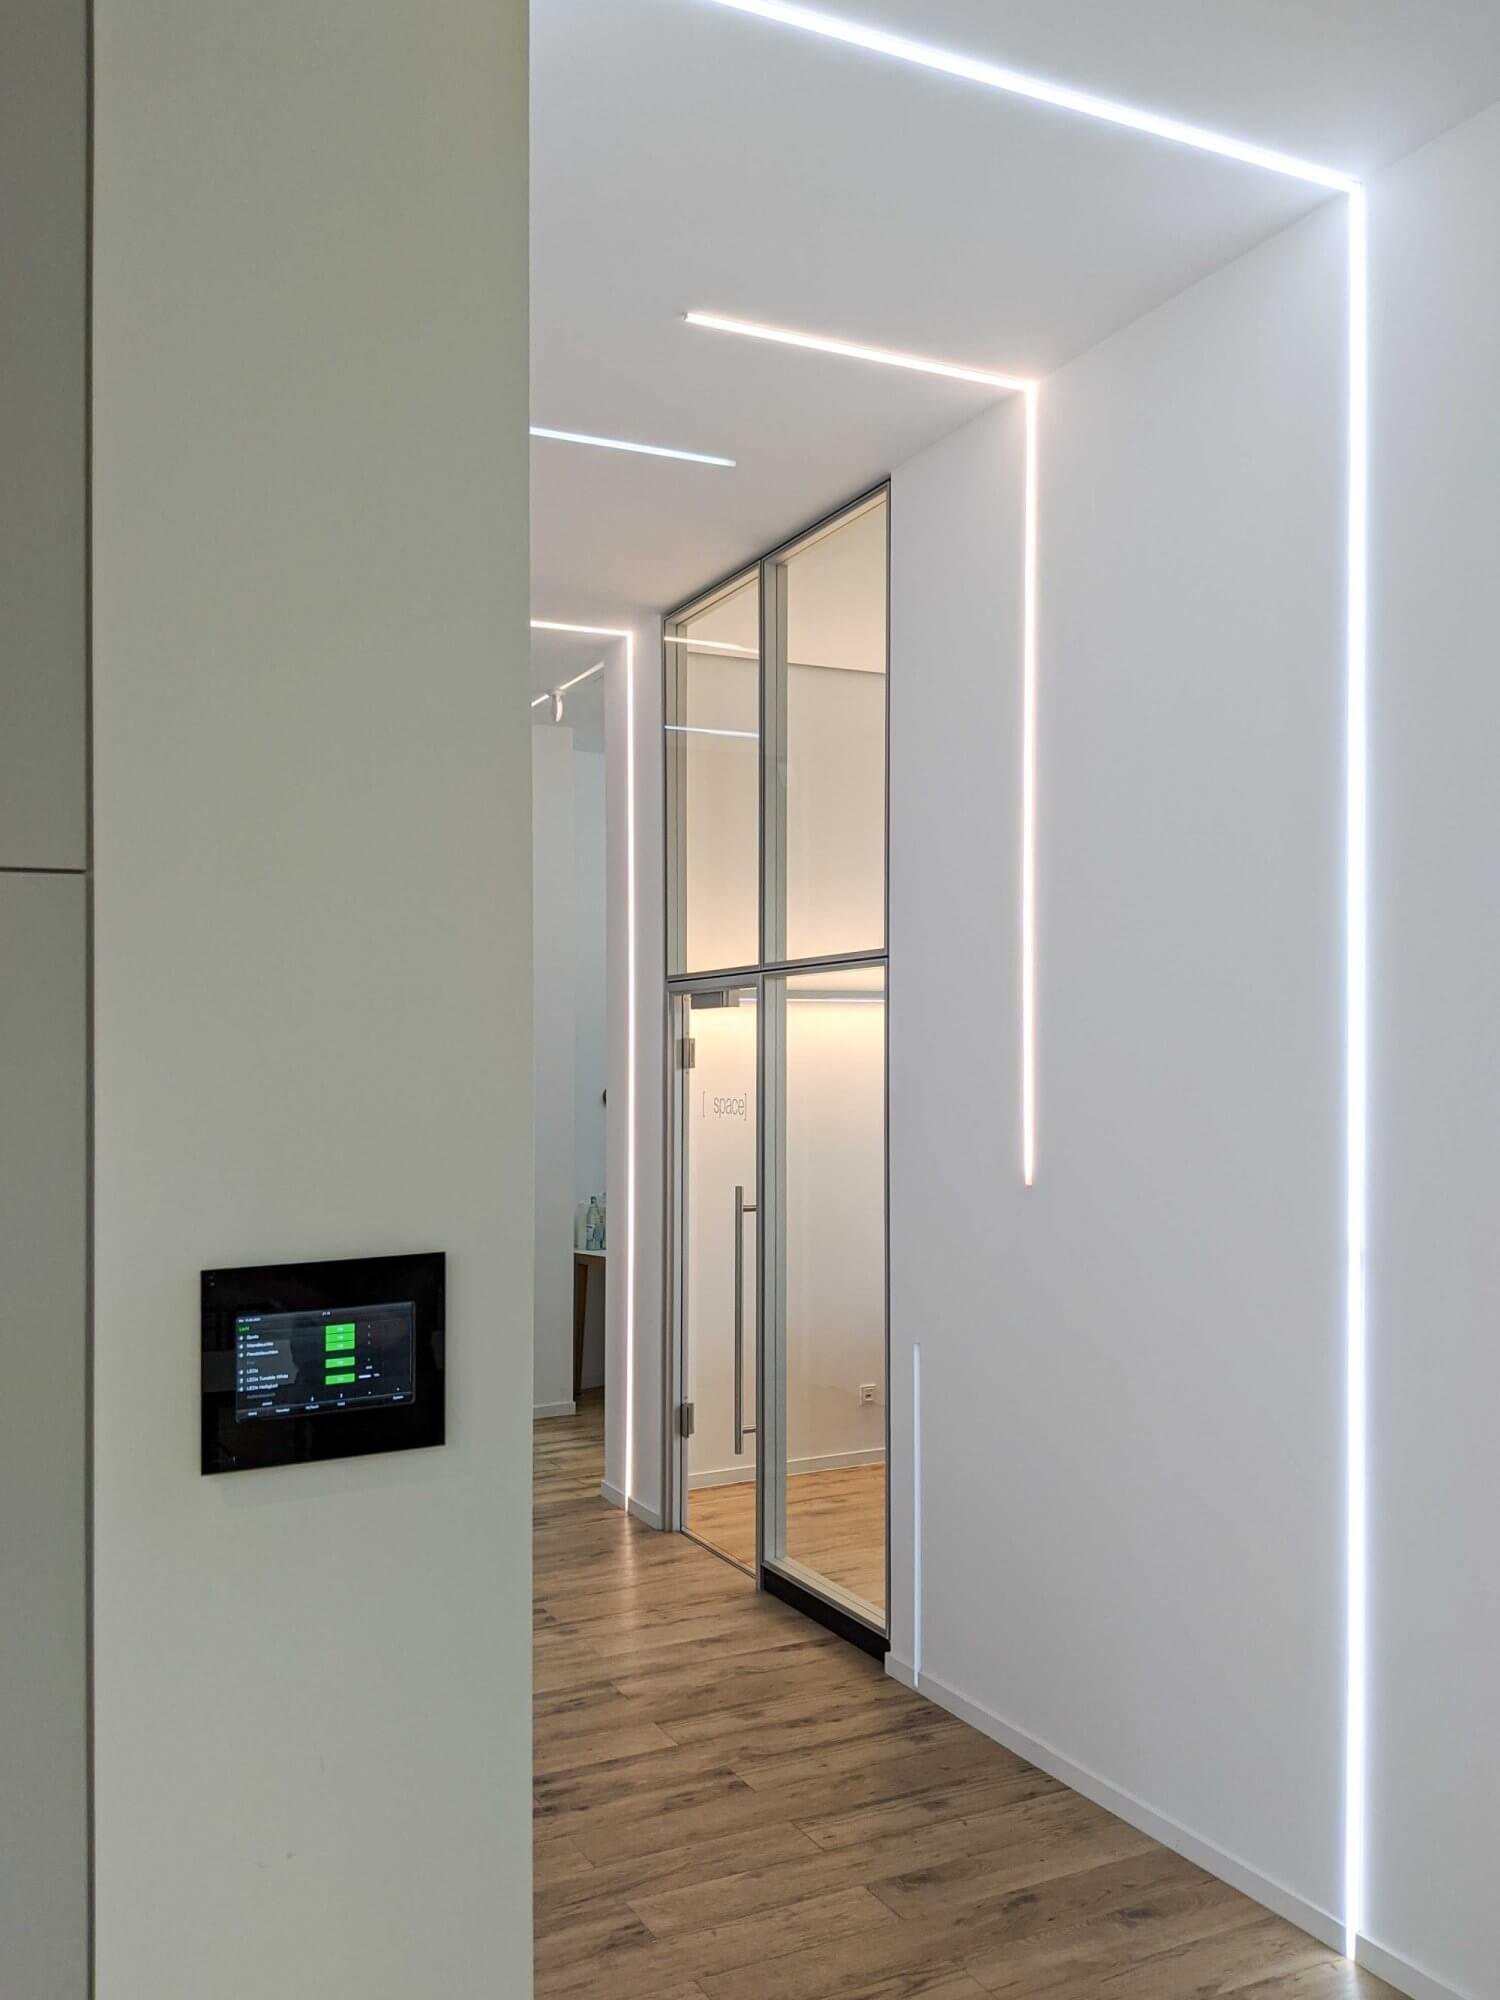 Space in Wuppertal LED Innen